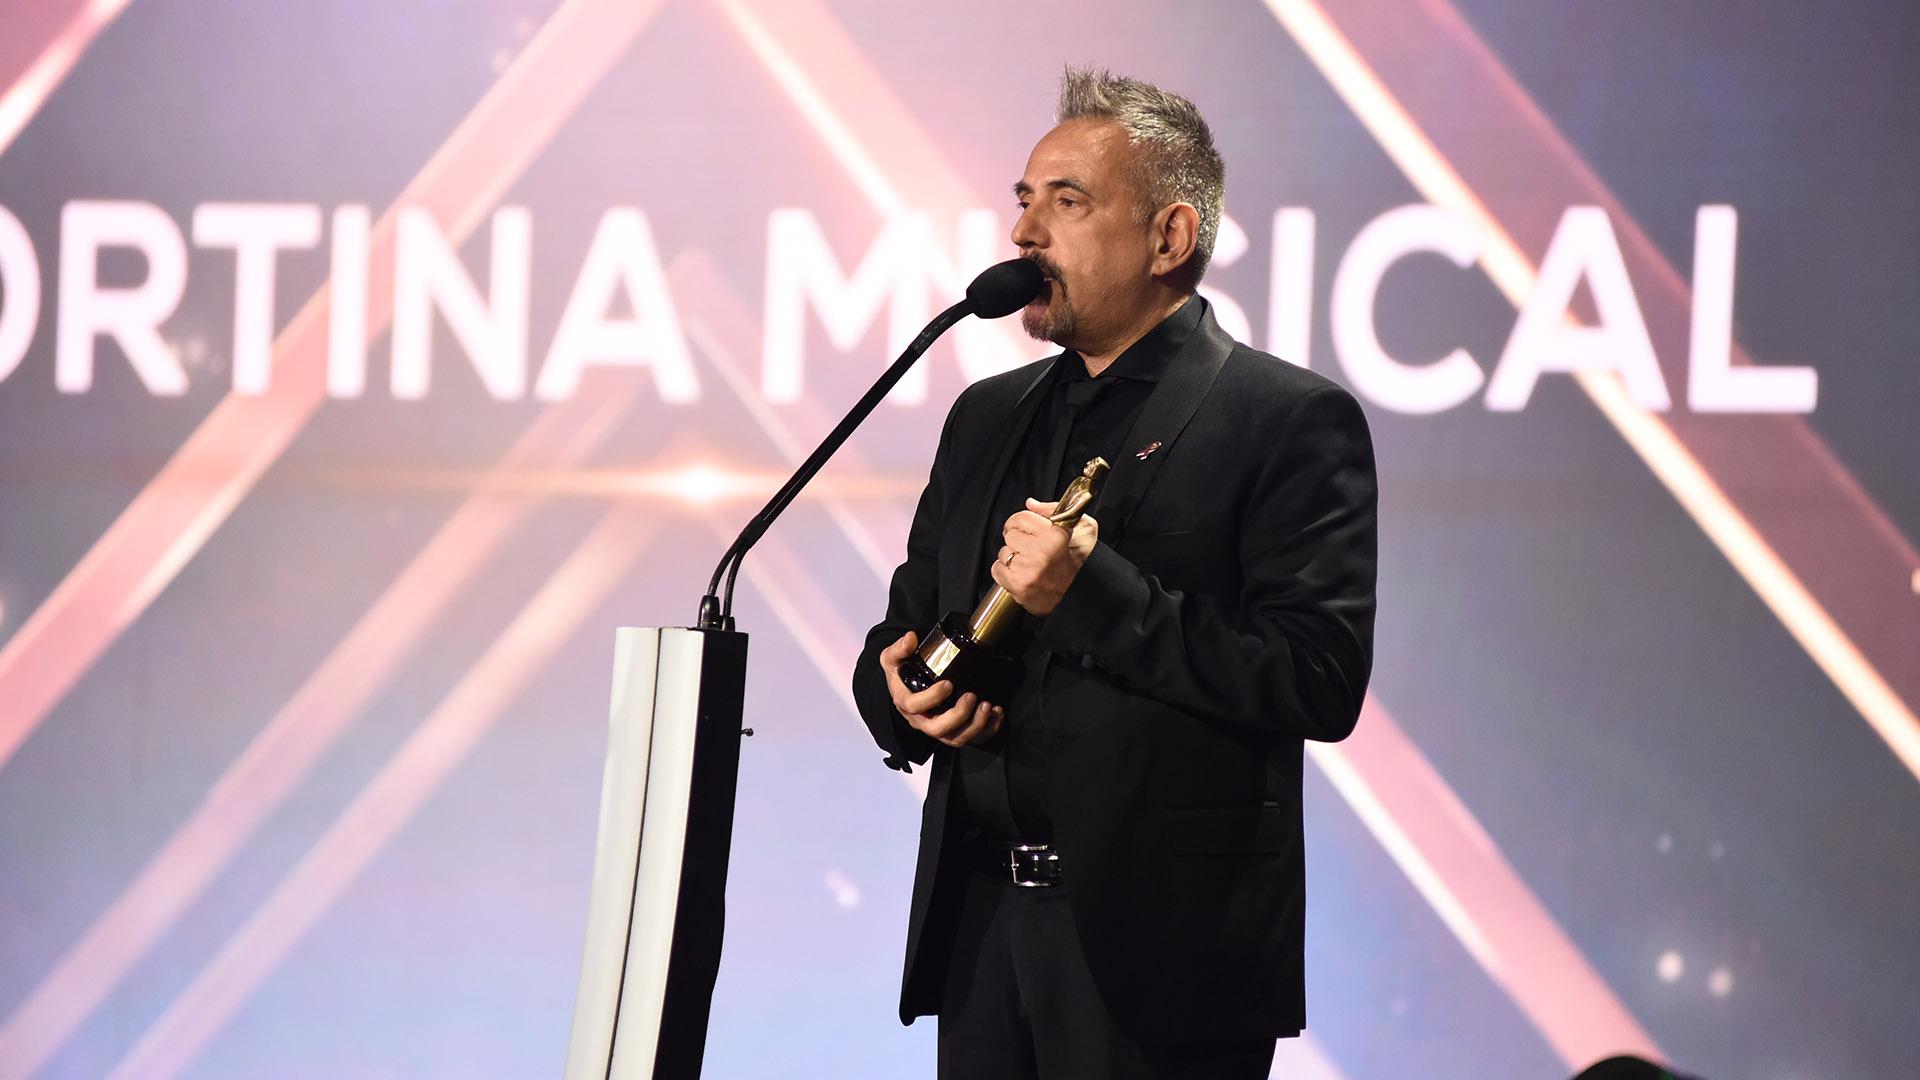 """Alejandro Lerner se llevó el premio a Mejor Cortina Musical por su tema """"Los Sueños del Ayer"""" de la ficción """"Cuéntame Cómo Pasó"""", que se emitió por la Televisión Pública"""